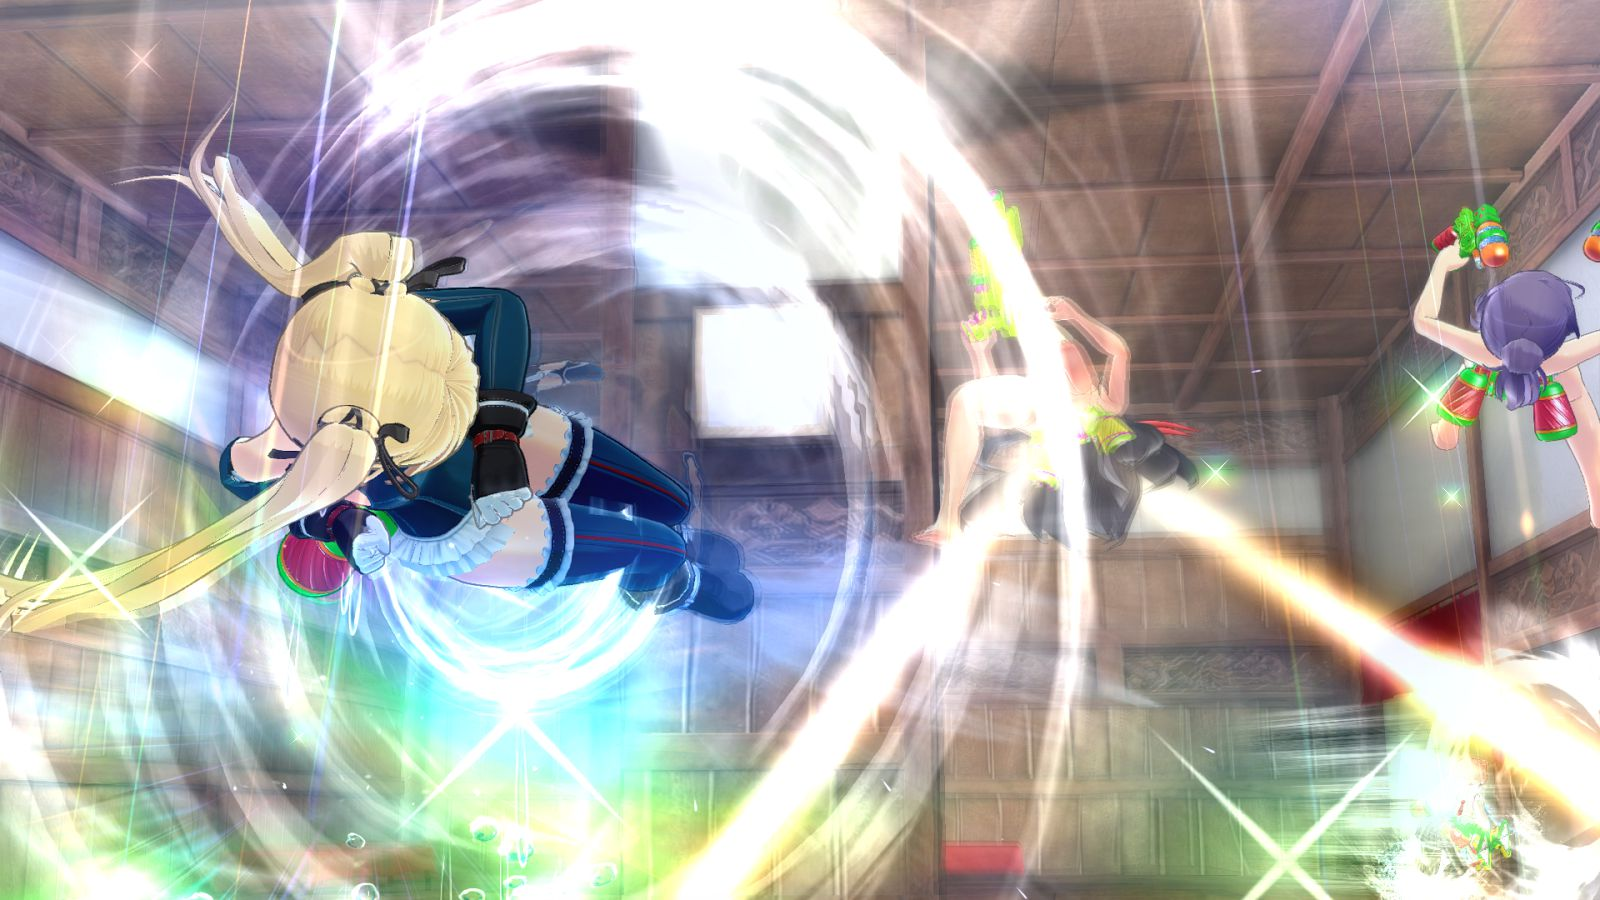 閃乱カグラPBS, マリーローズ, ほのか 閃乱カグラPBS DLC第3弾マリーの戦闘服やほのかの制服など、多数の追加アイテムの画像多数!